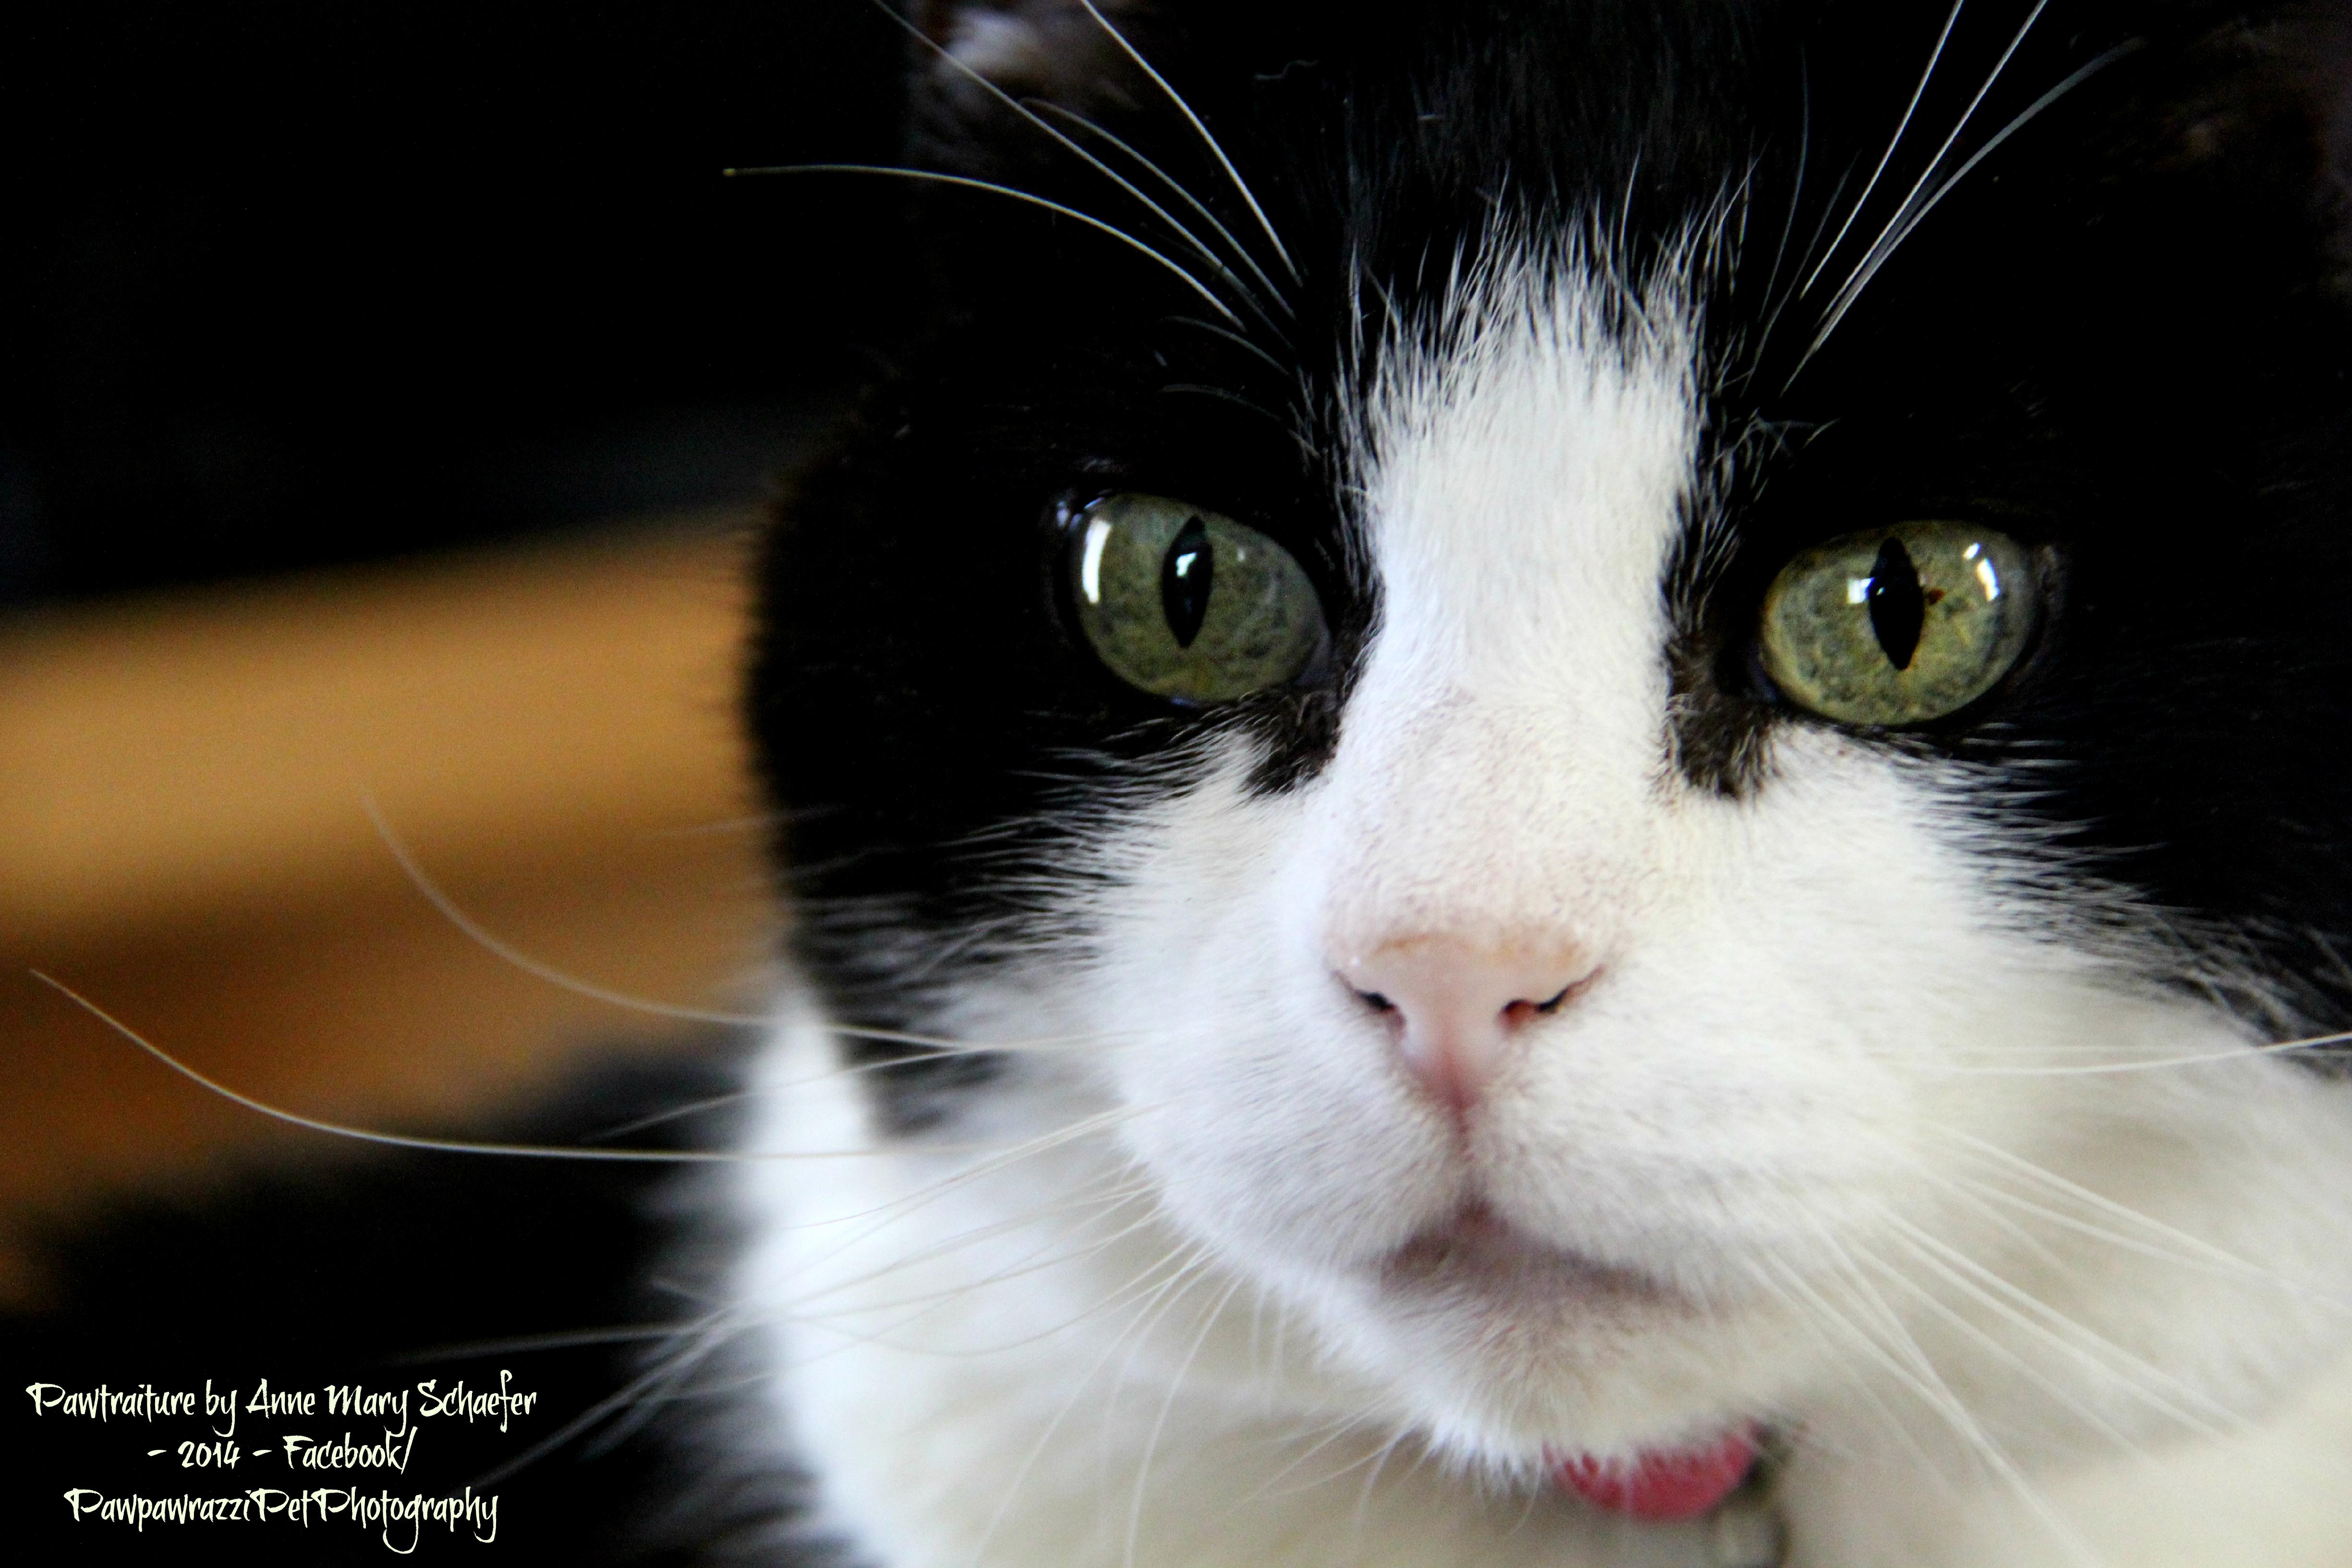 Ava Gardner, the Cat